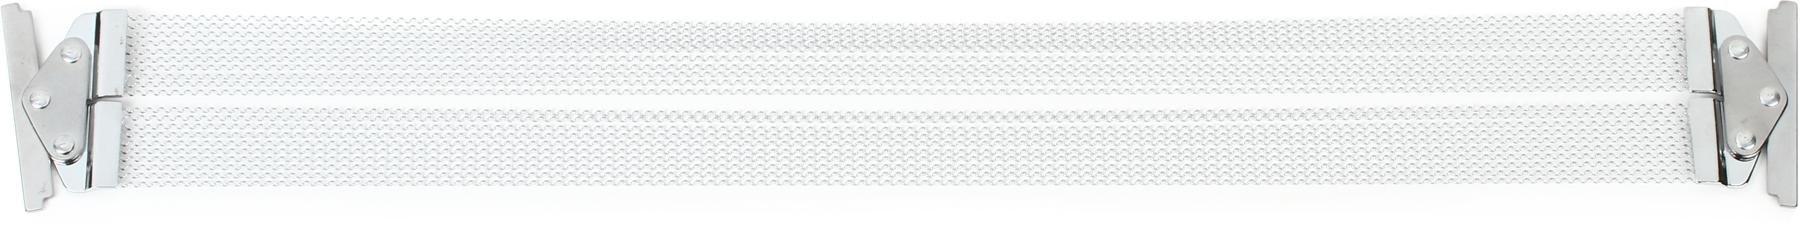 Ludwig 20-strand Super Sensitive Snare Wire - 14\